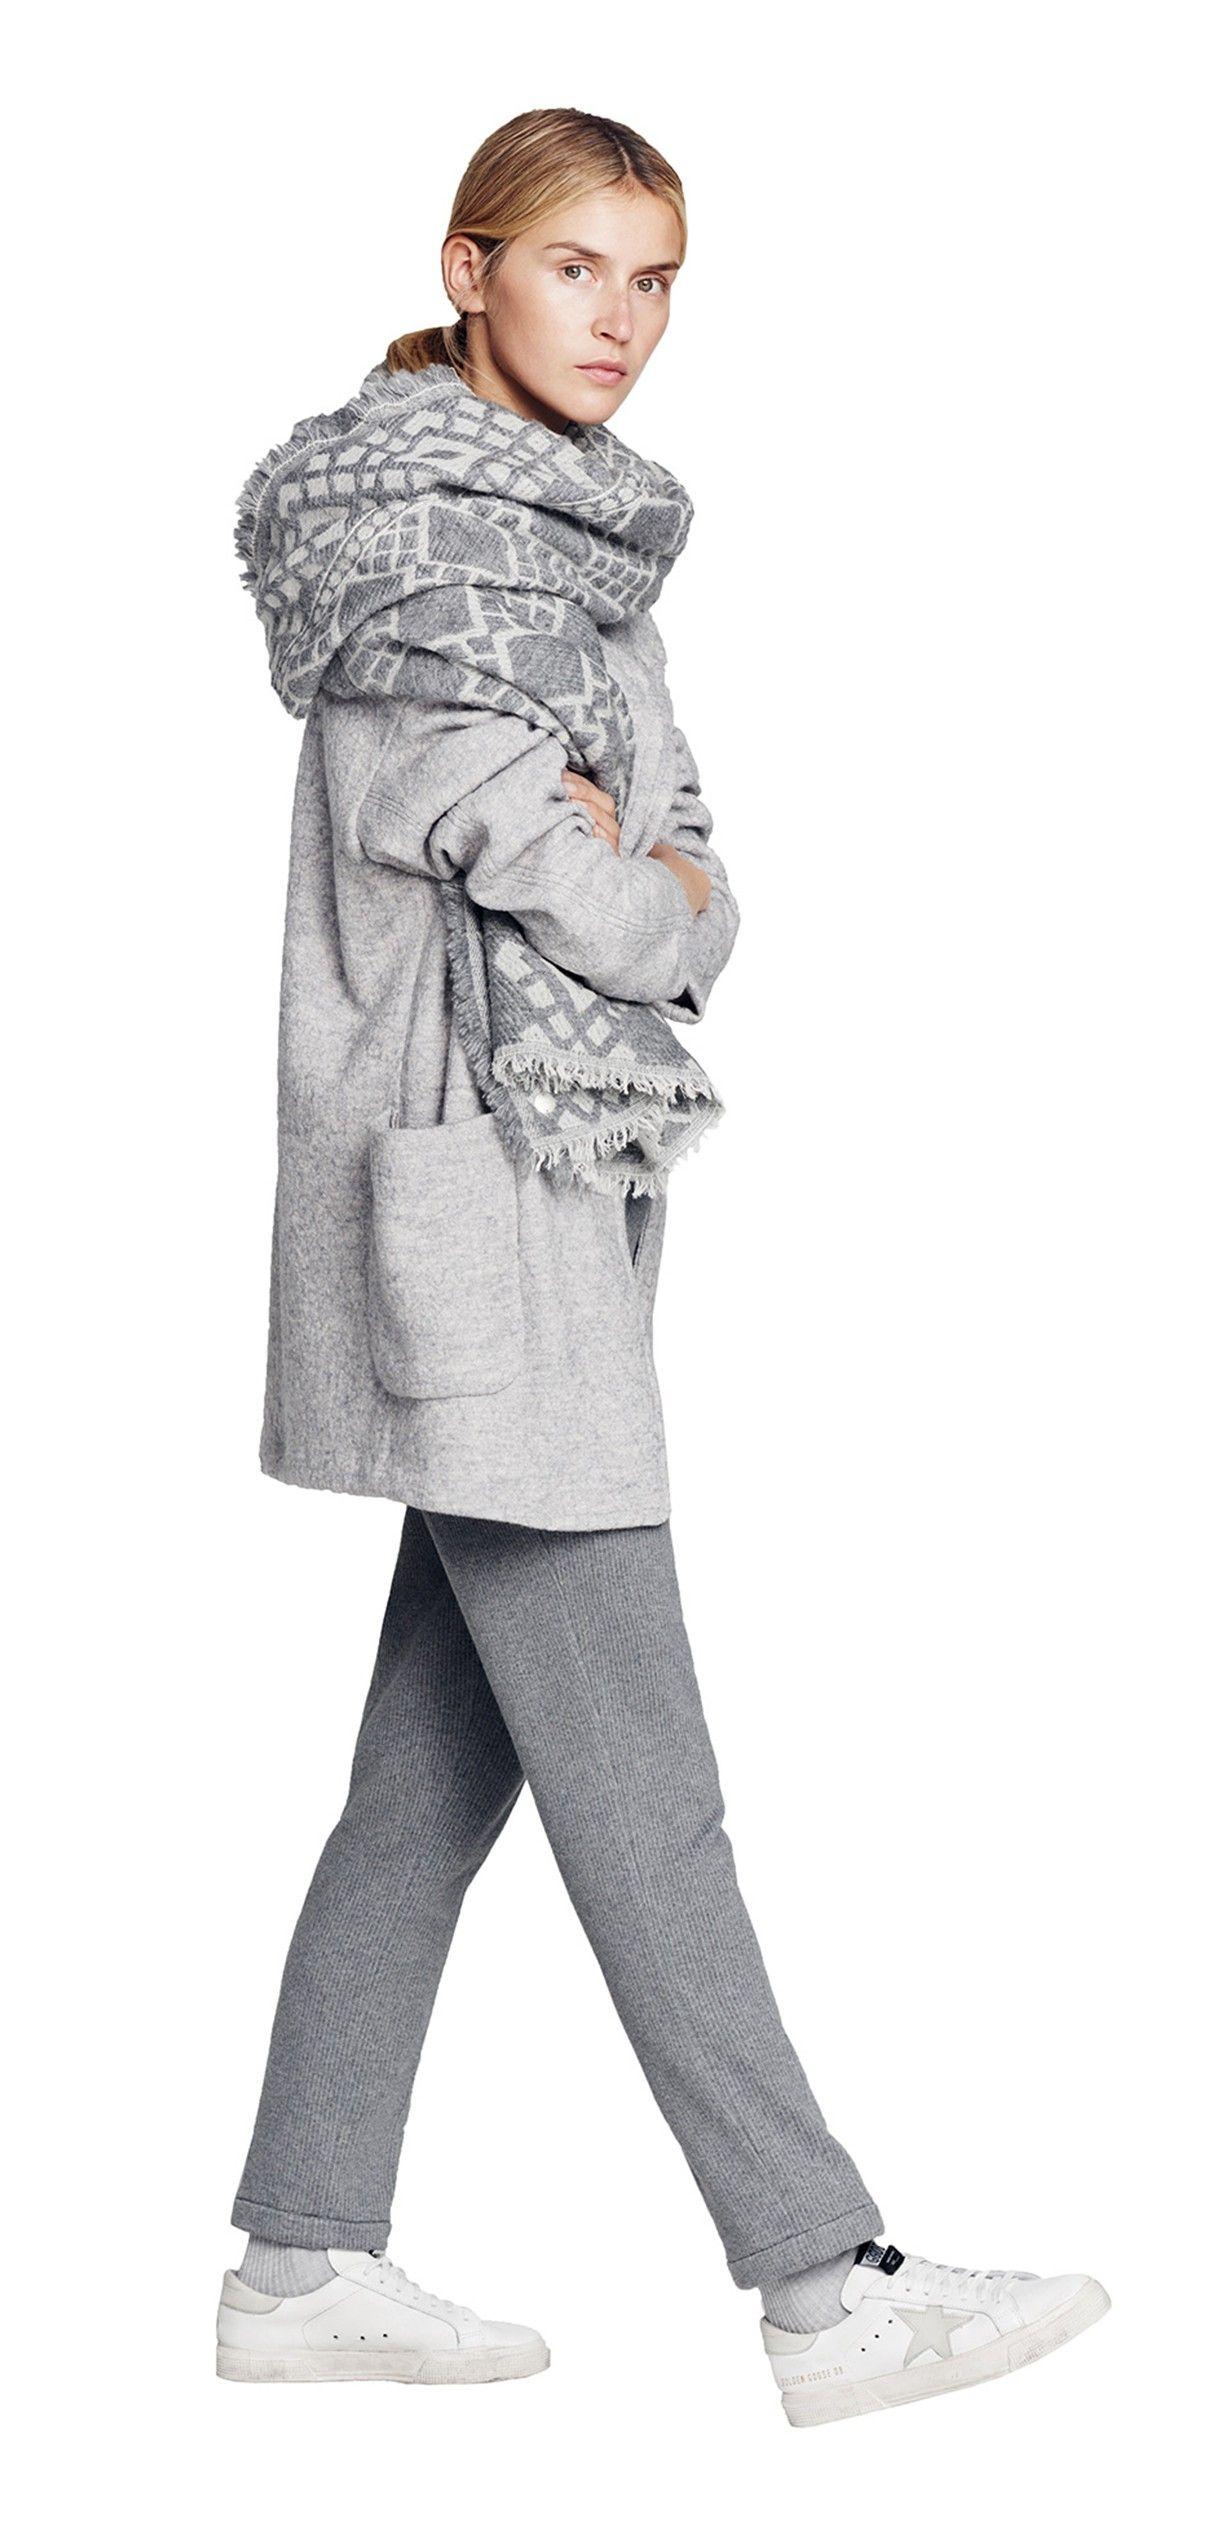 Damen Outfit Oversize-Schals Look von OPUS Fashion: grauer ...